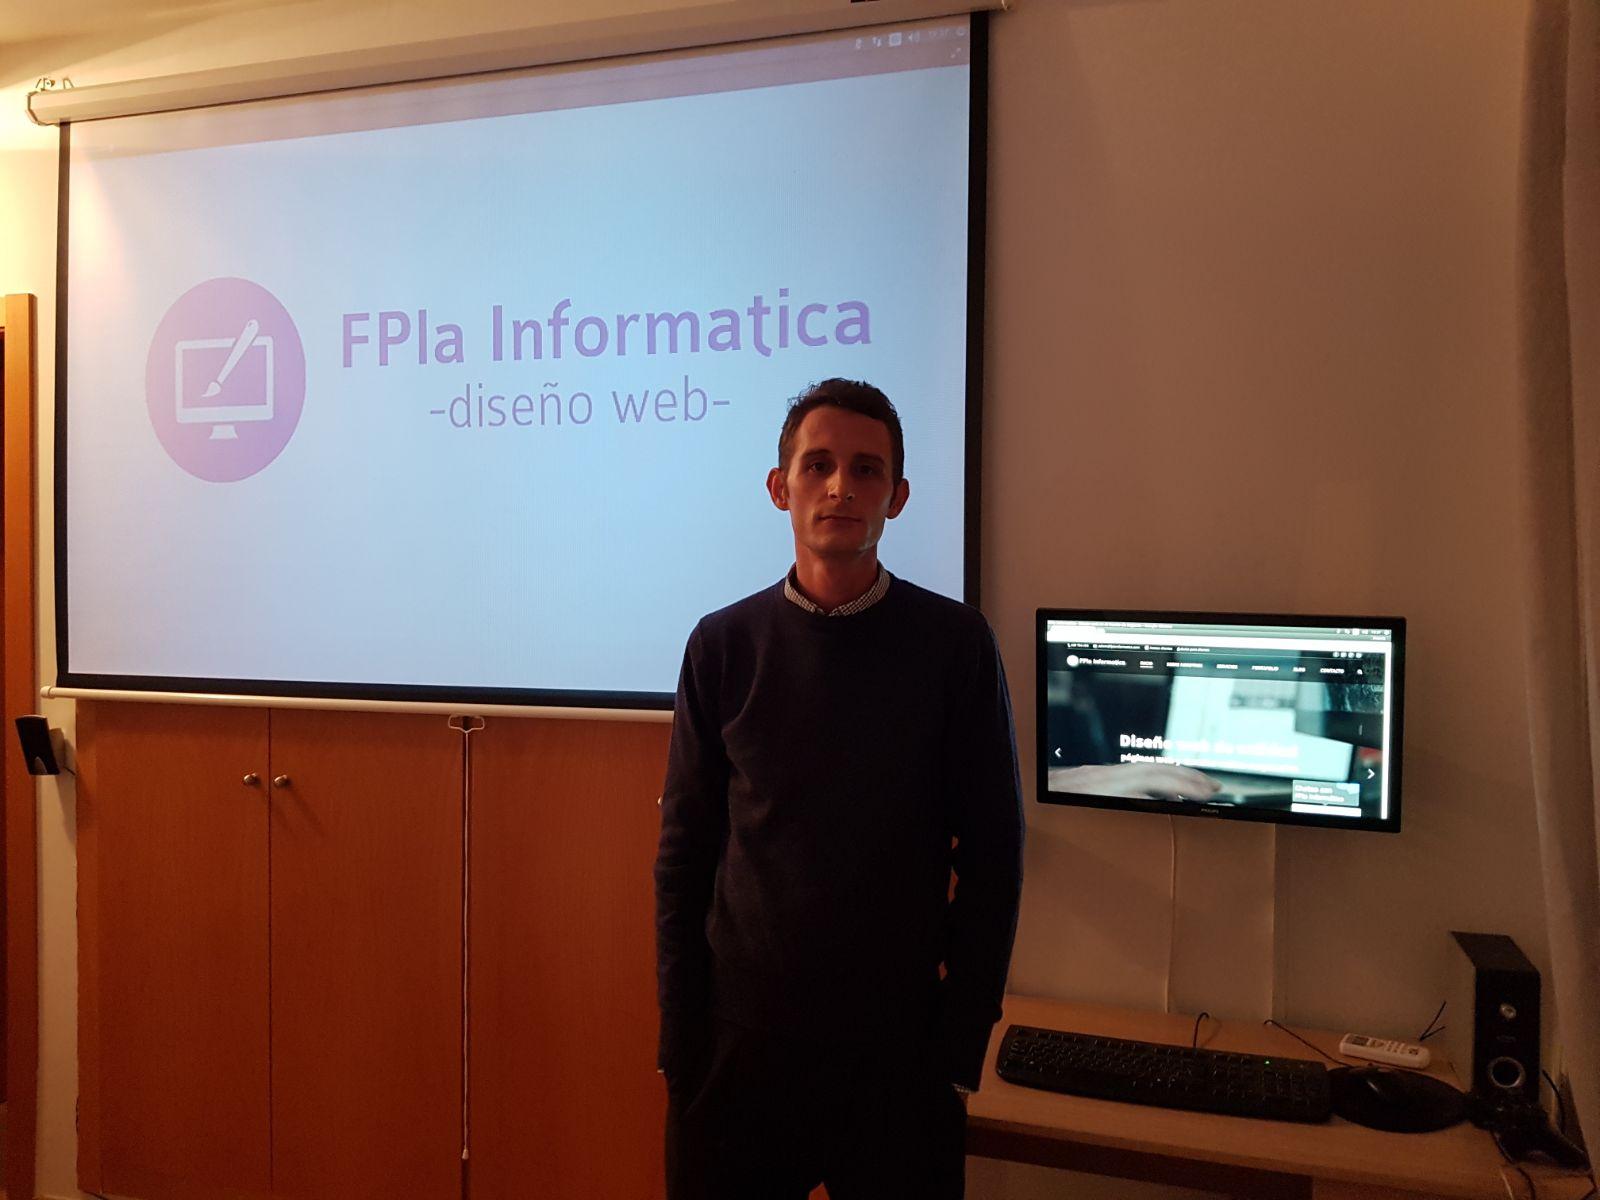 Despacho FPla Informatica 4